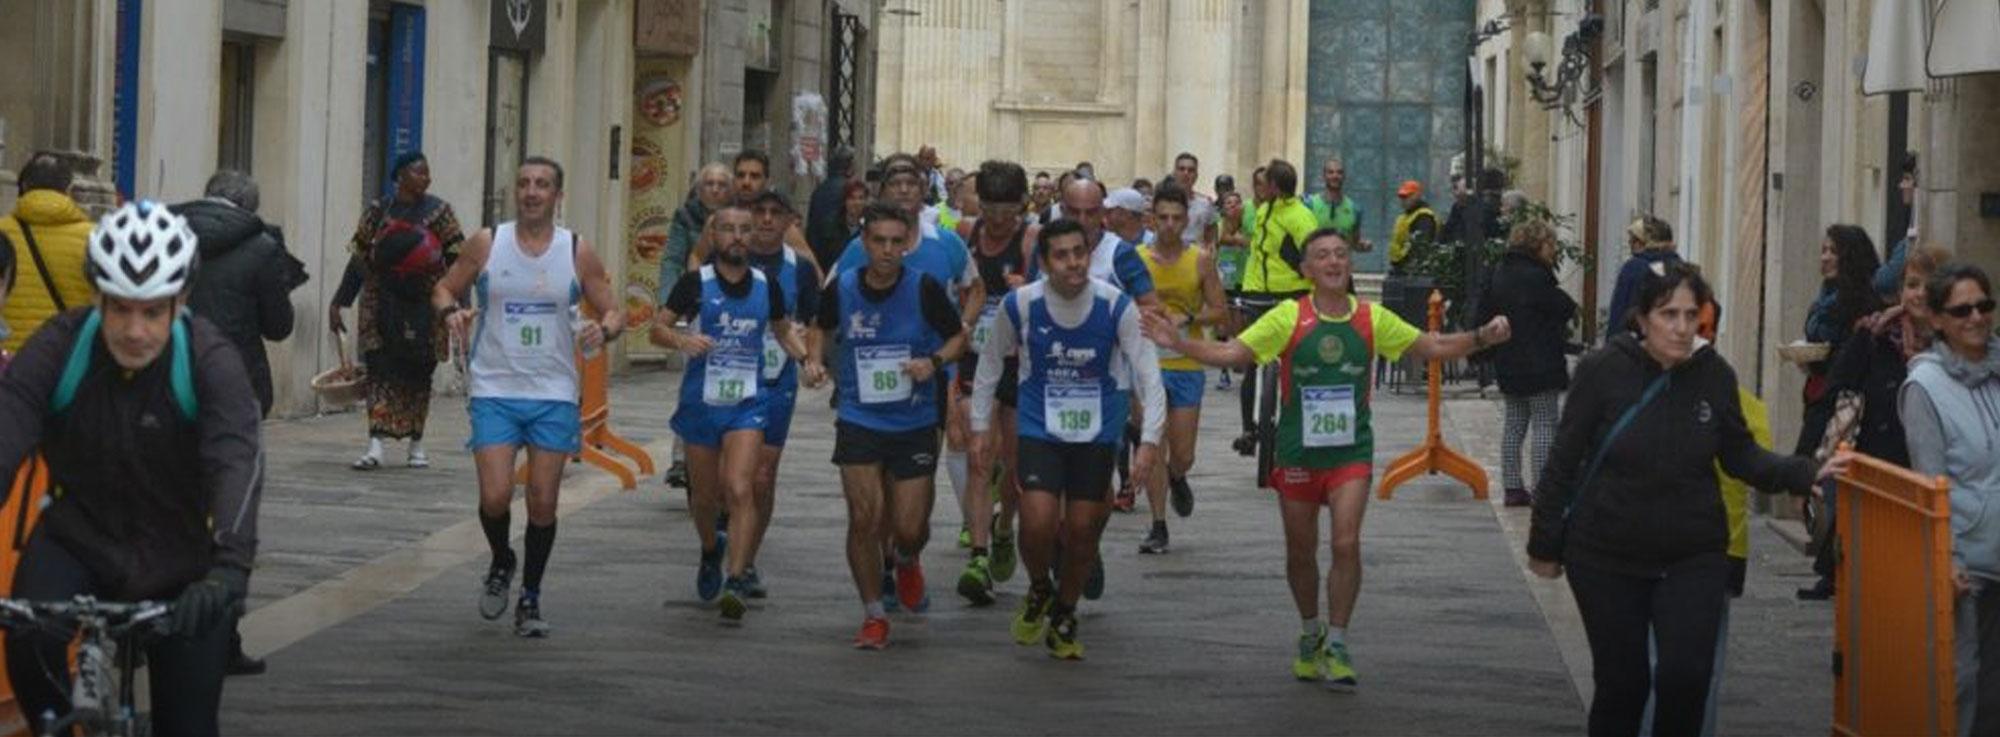 Lecce: Maratona del Barocco